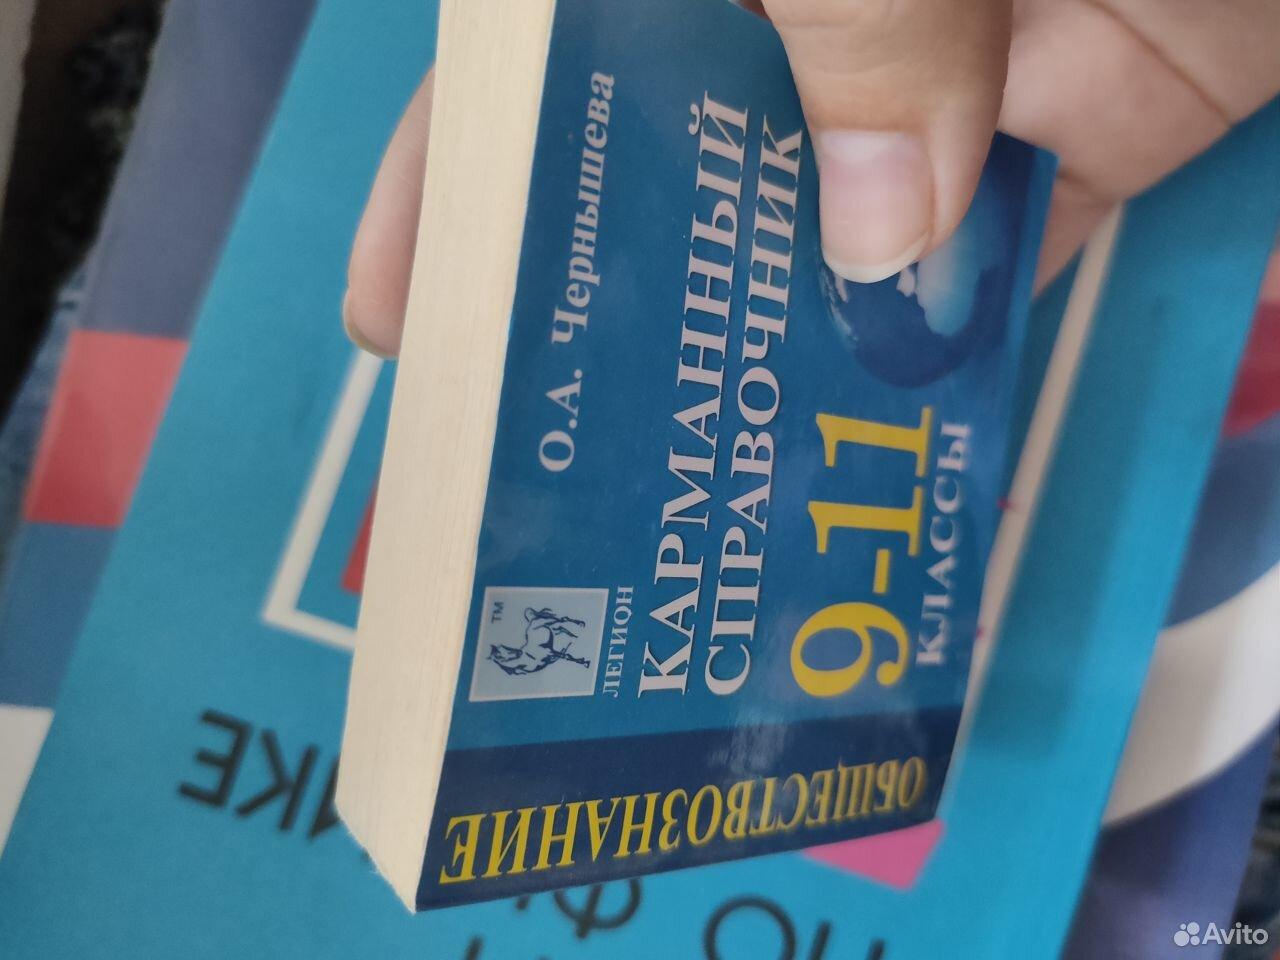 Учебники 7-11 класс. Обществознание, физика, право  89524393193 купить 9